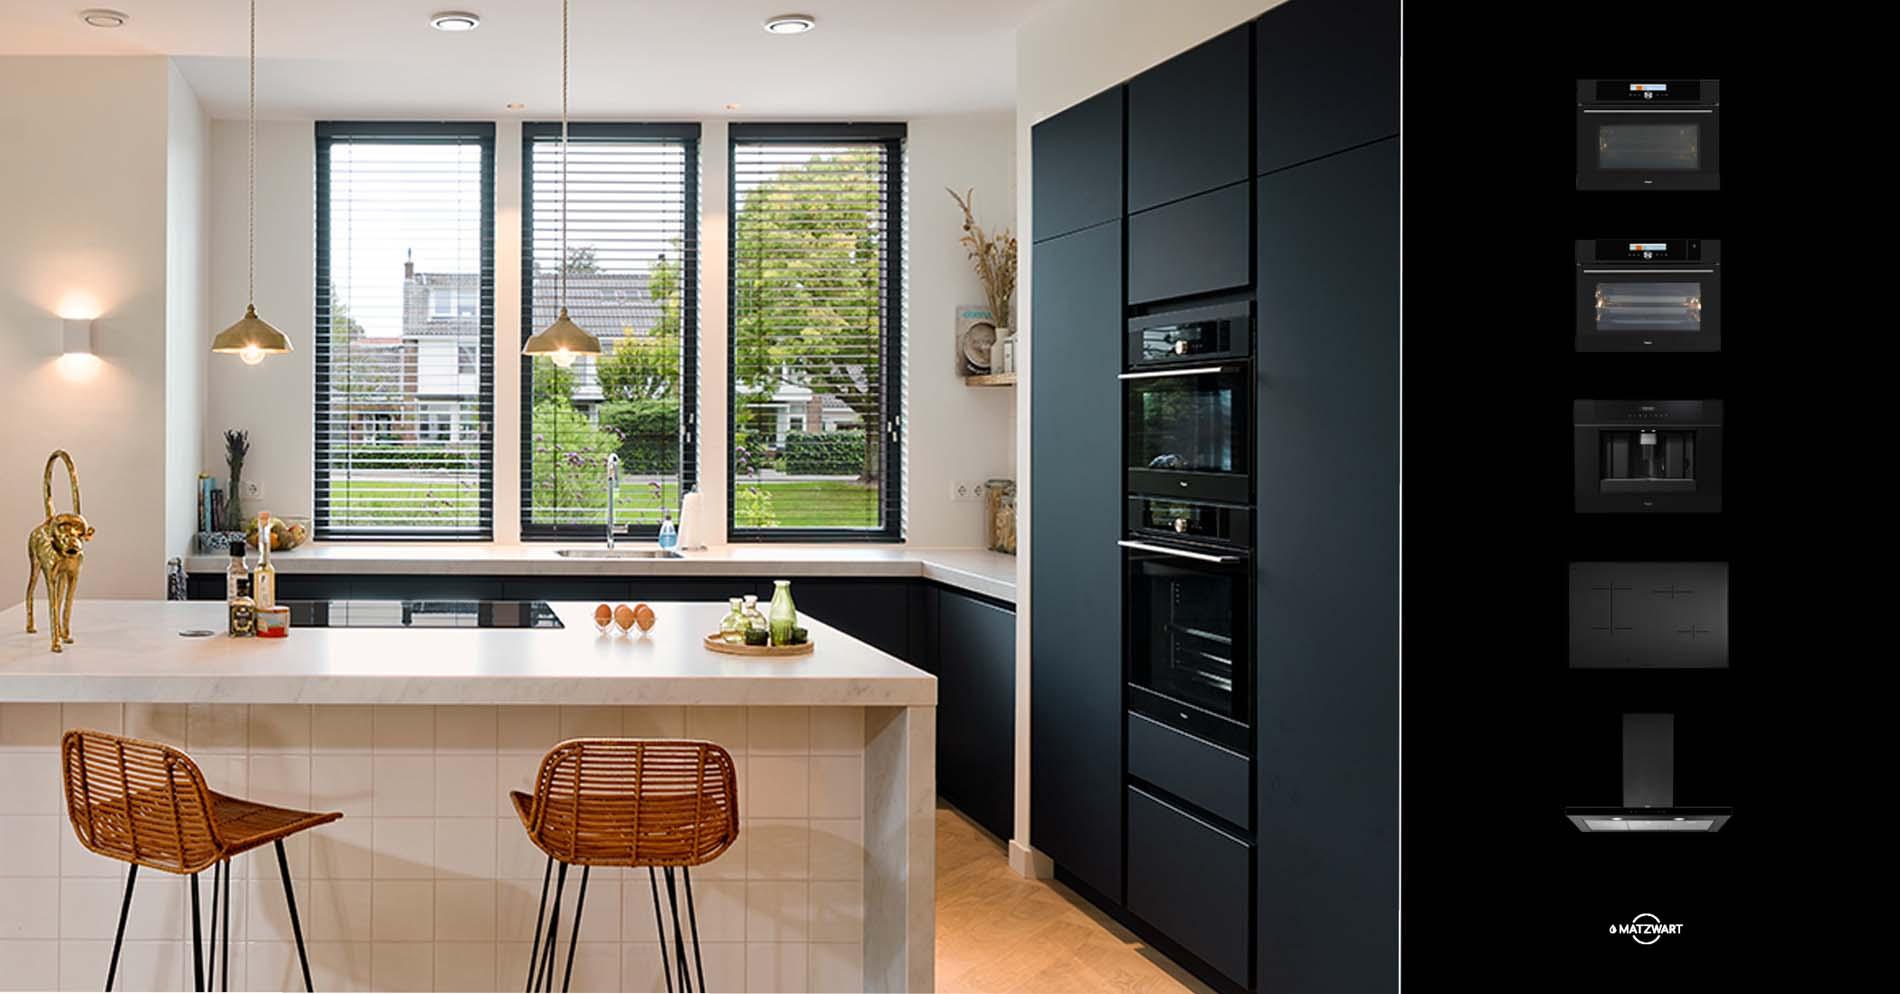 Zwarte keuken met de mat zwarte keukenapparatuur van Pelgrim Matzwart uitgelicht